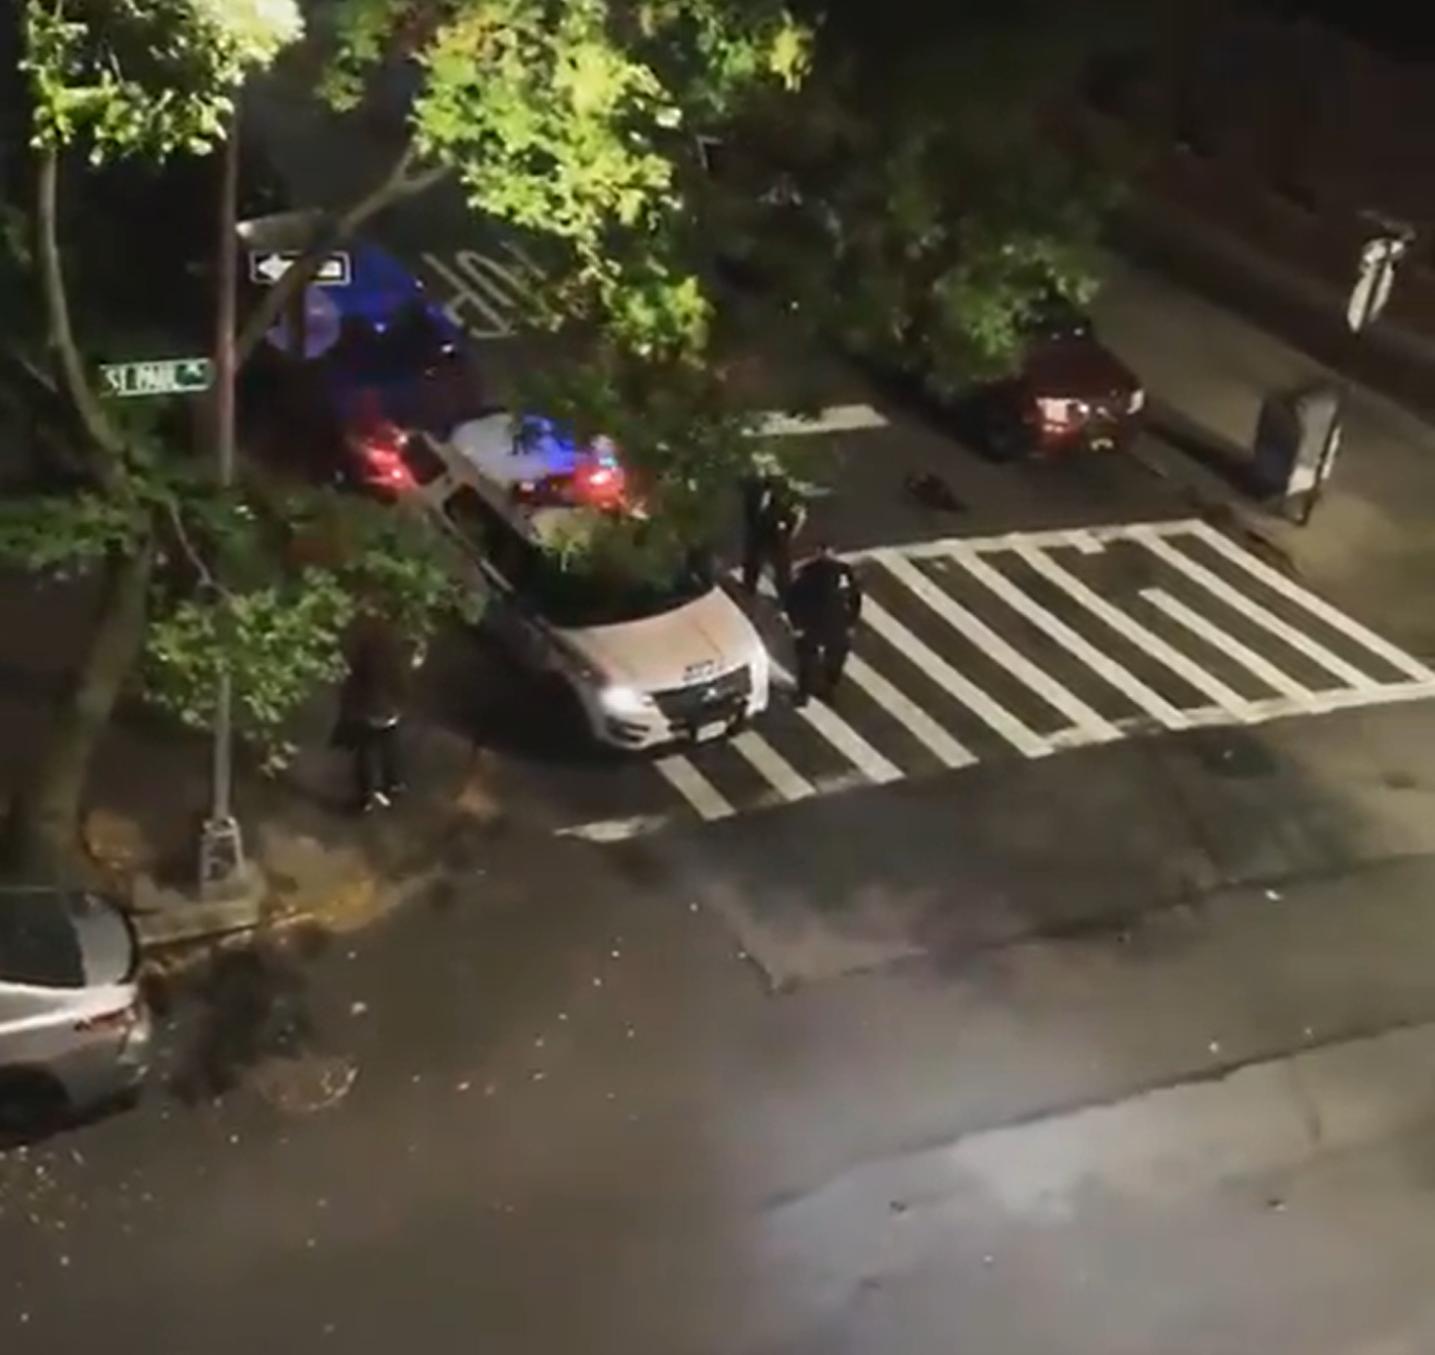 ■警員在巡邏車內透過揚聲器高叫「特朗普 2020年」。 影片截圖